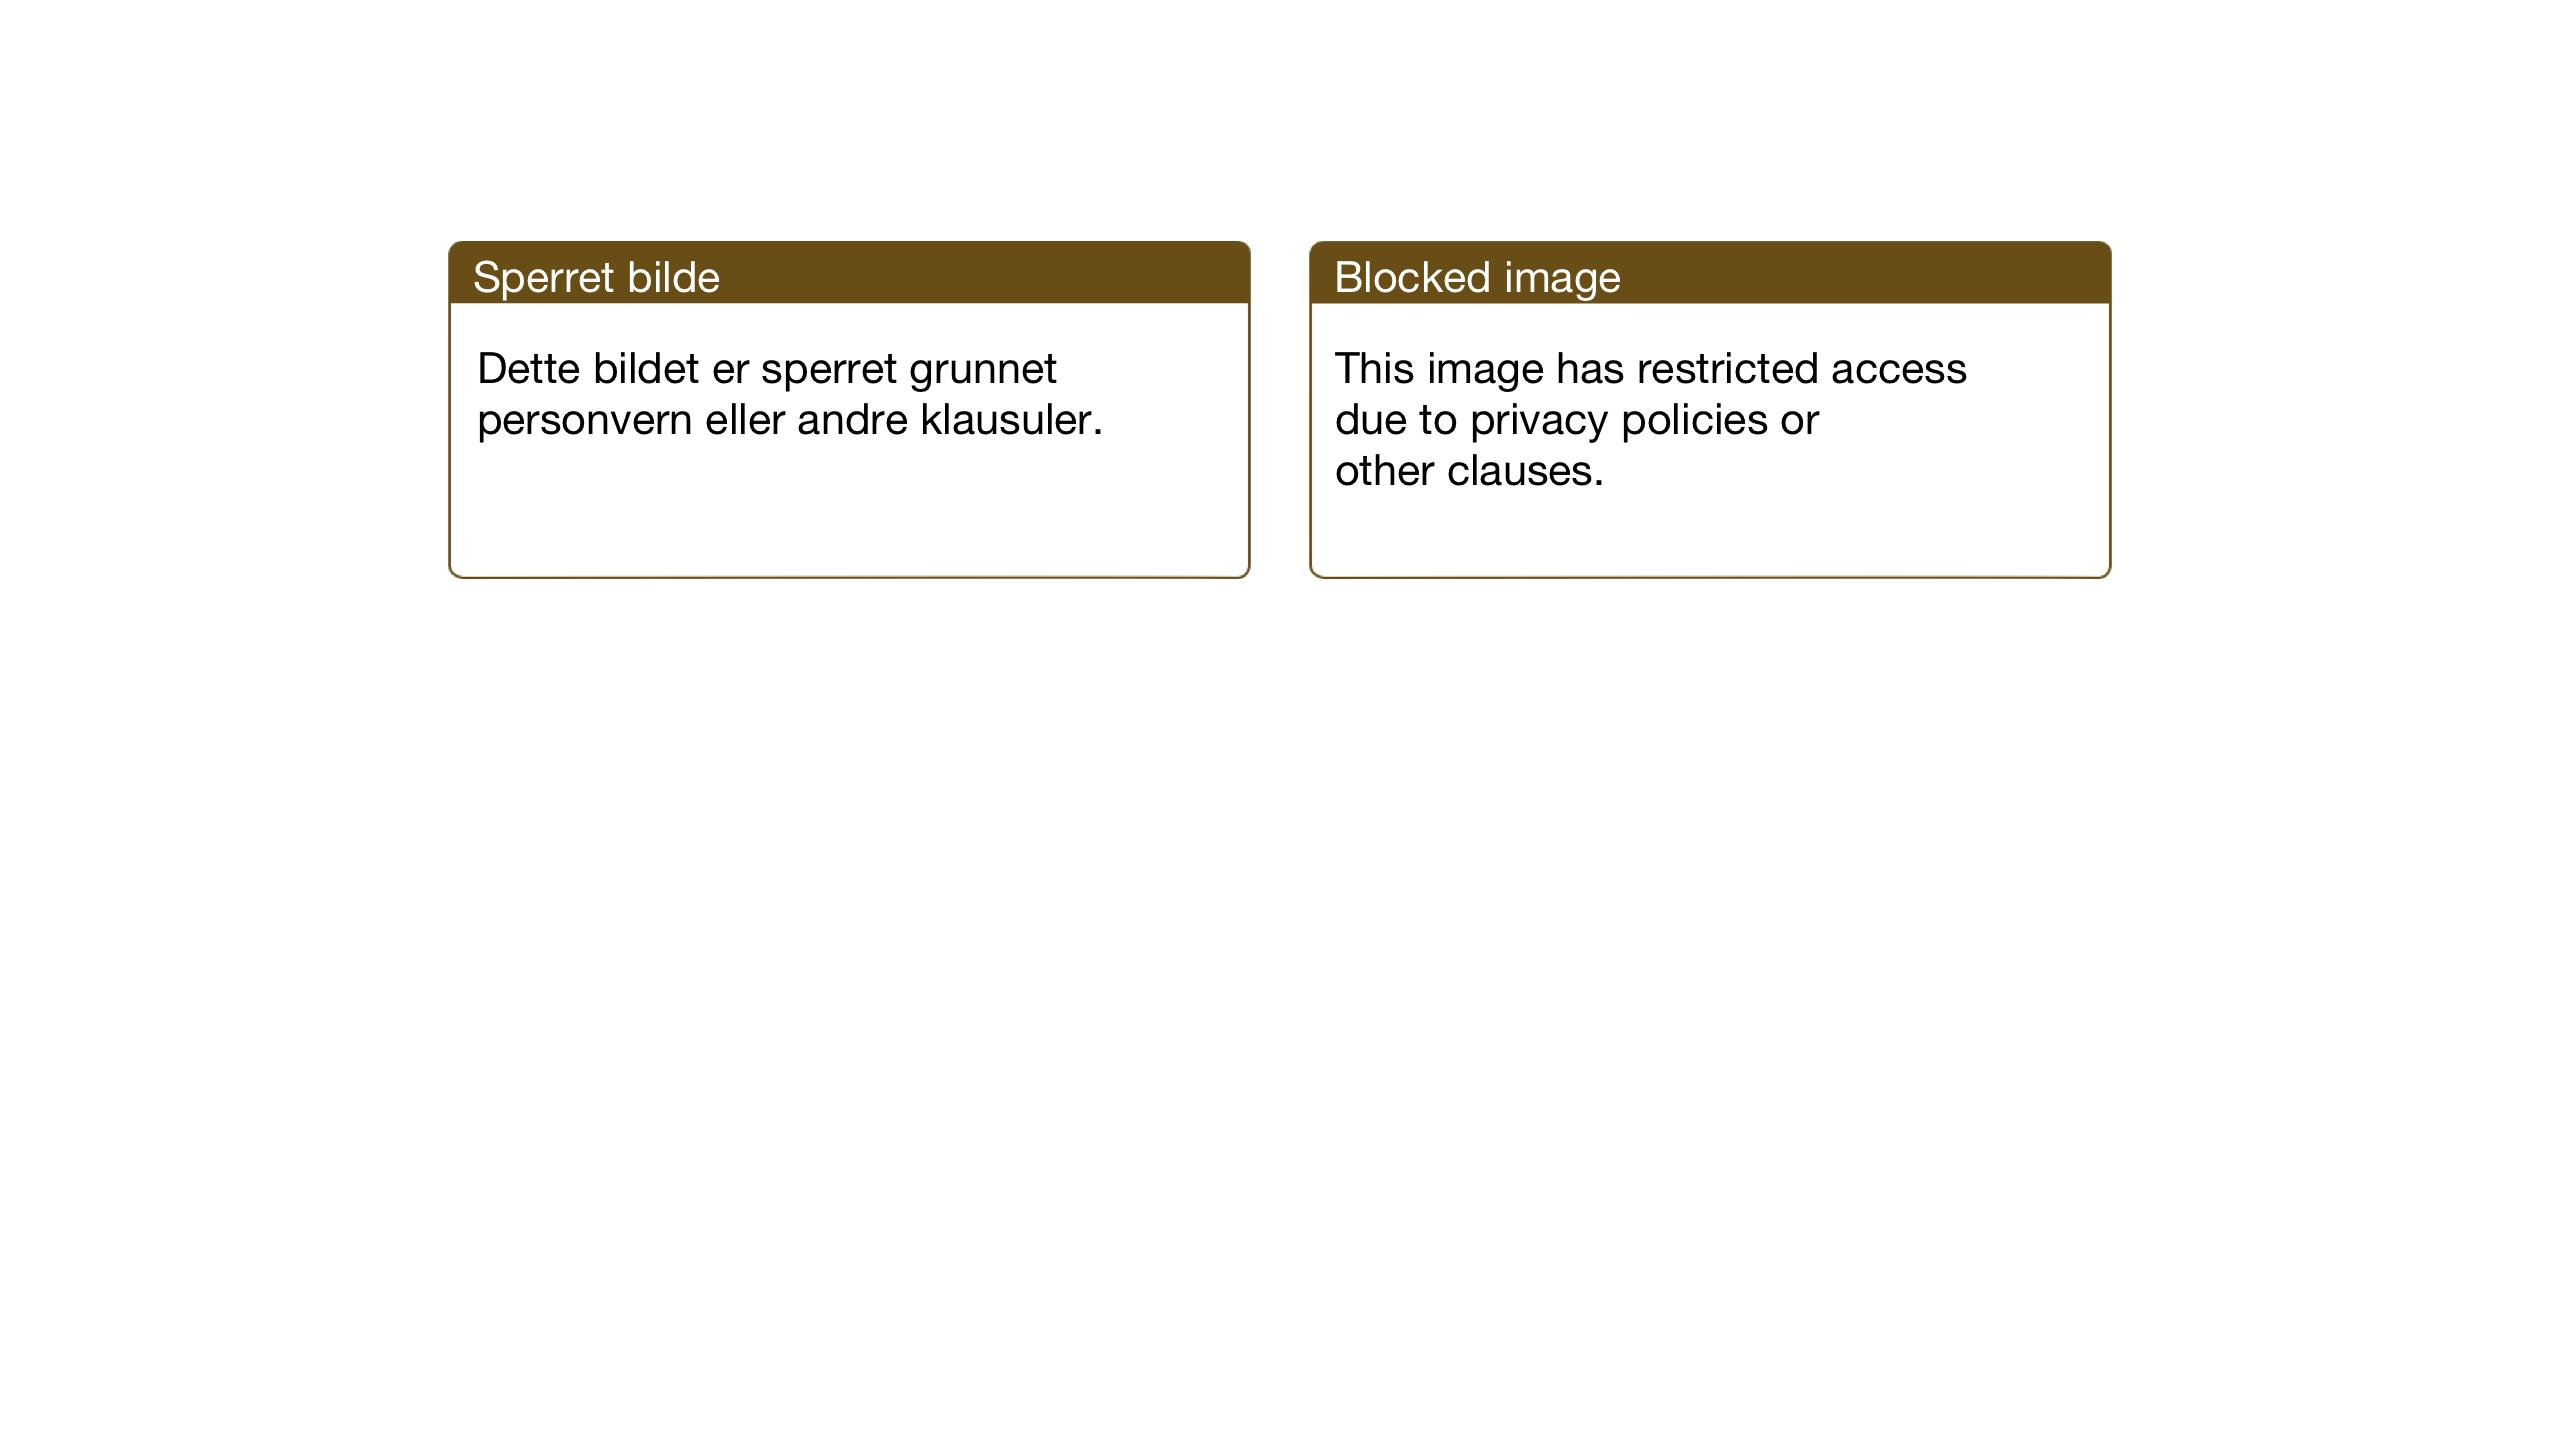 SAT, Ministerialprotokoller, klokkerbøker og fødselsregistre - Nord-Trøndelag, 733/L0328: Klokkerbok nr. 733C03, 1919-1966, s. 47